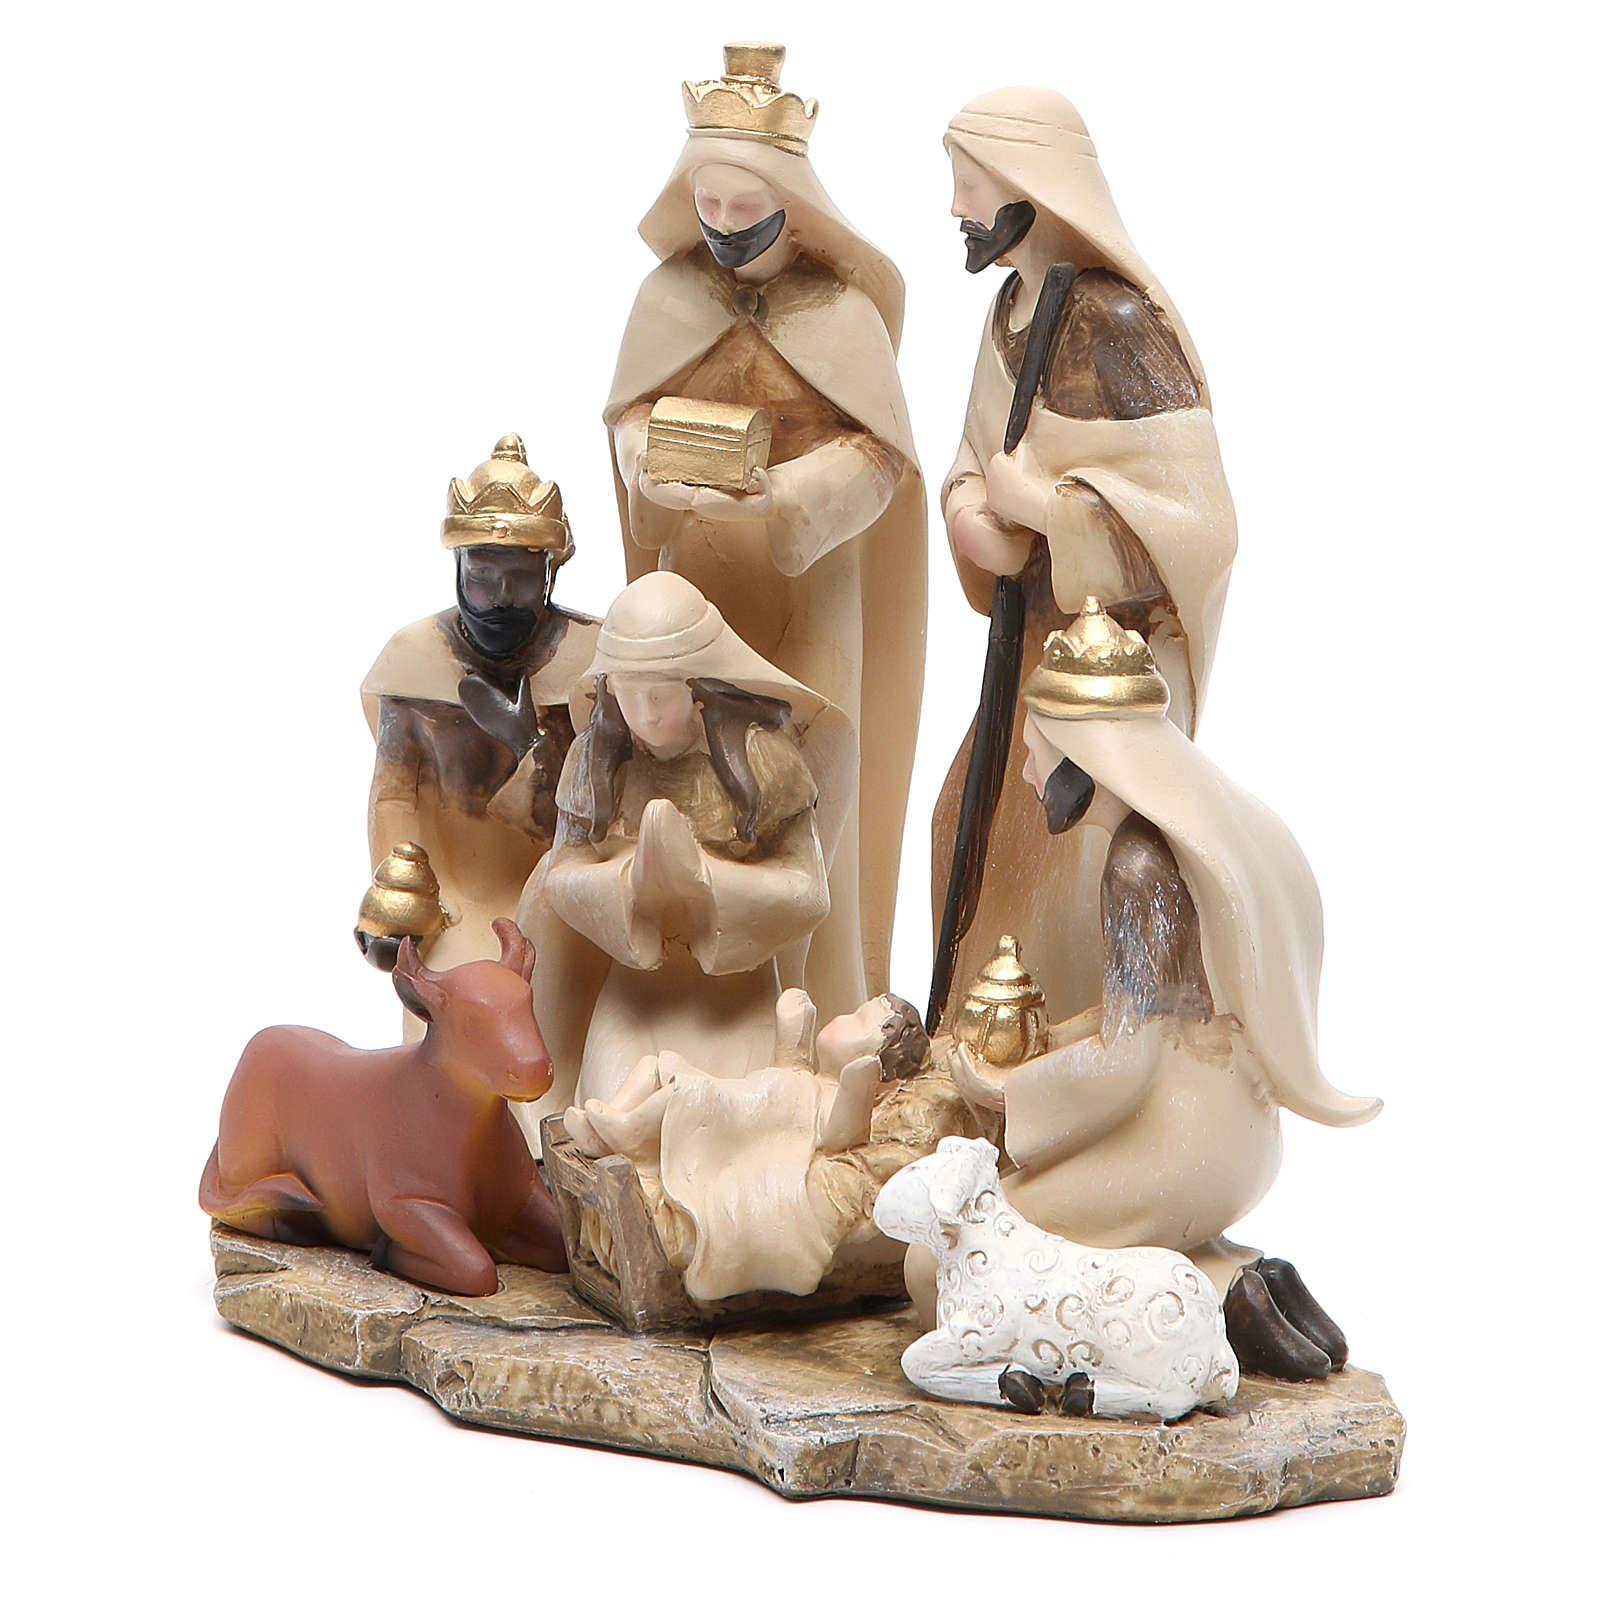 Presepe stilizzato gruppo in resina h. 17,5 cm | vendita